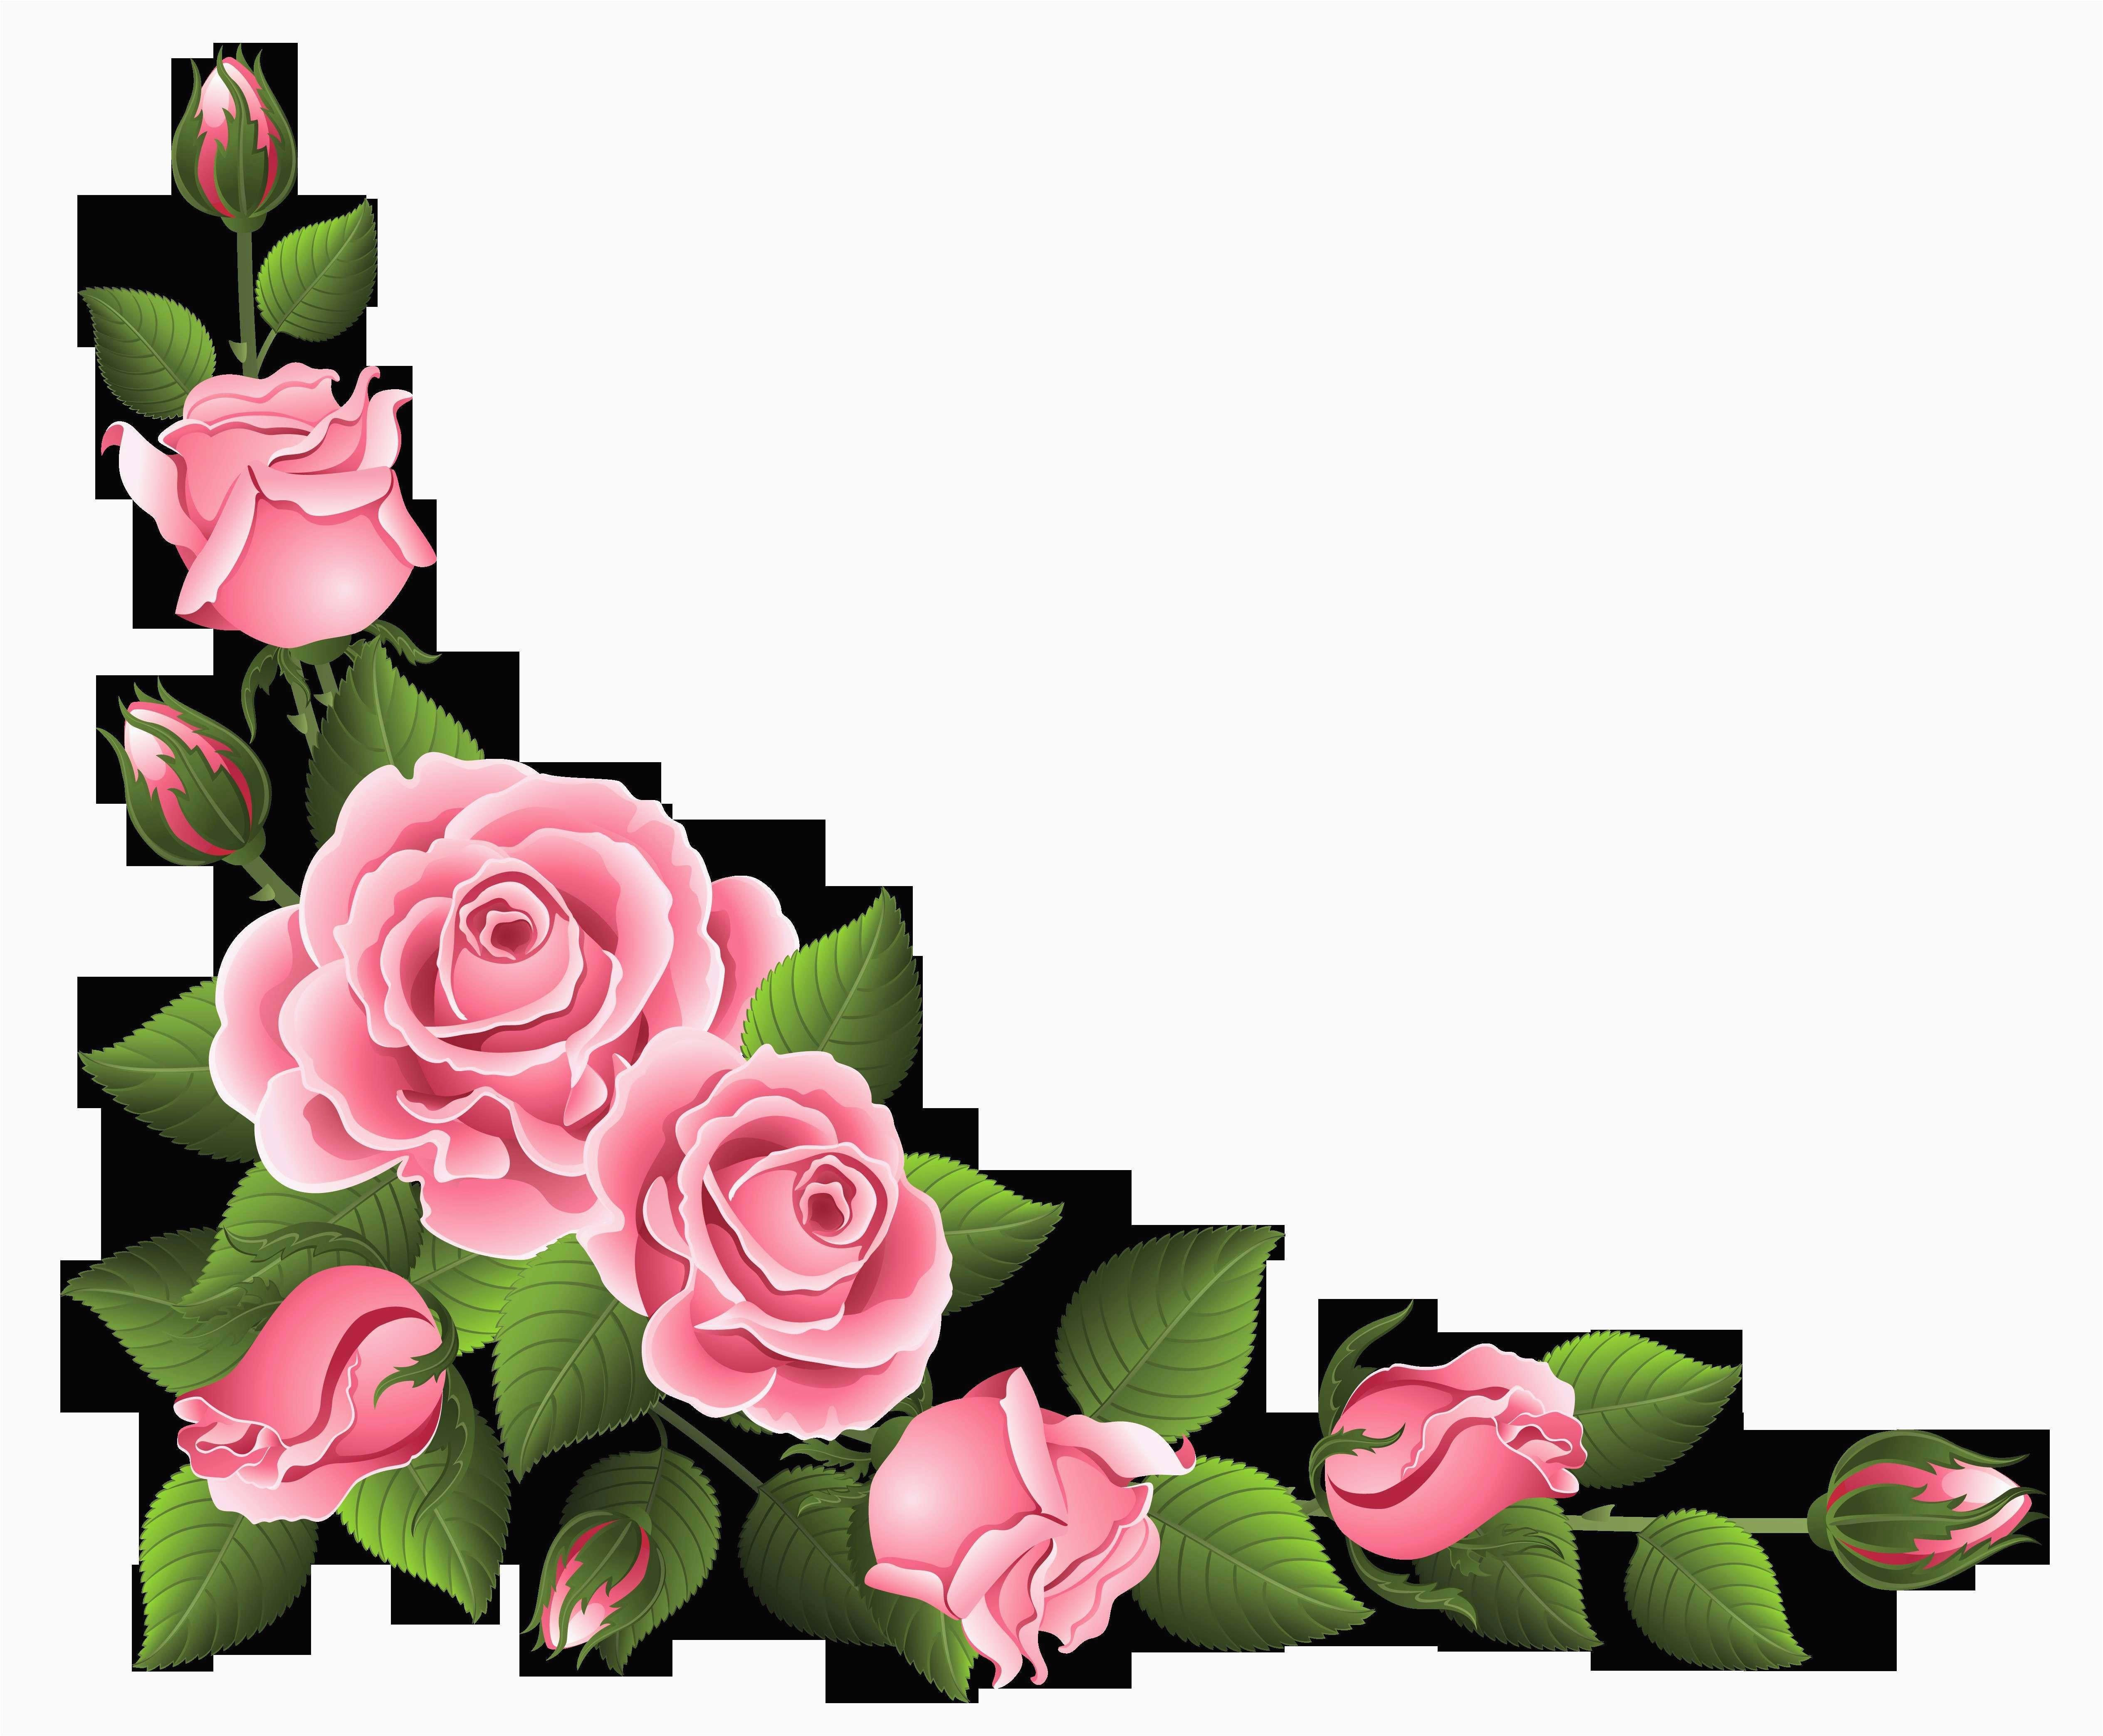 decorative blue vase of flower clipart review bodenvase deko neu flower vase table 04h vases for flower clipart latest bodenvase deko neu flower vase table 04h vases tablei 0d clipart 2zy trending